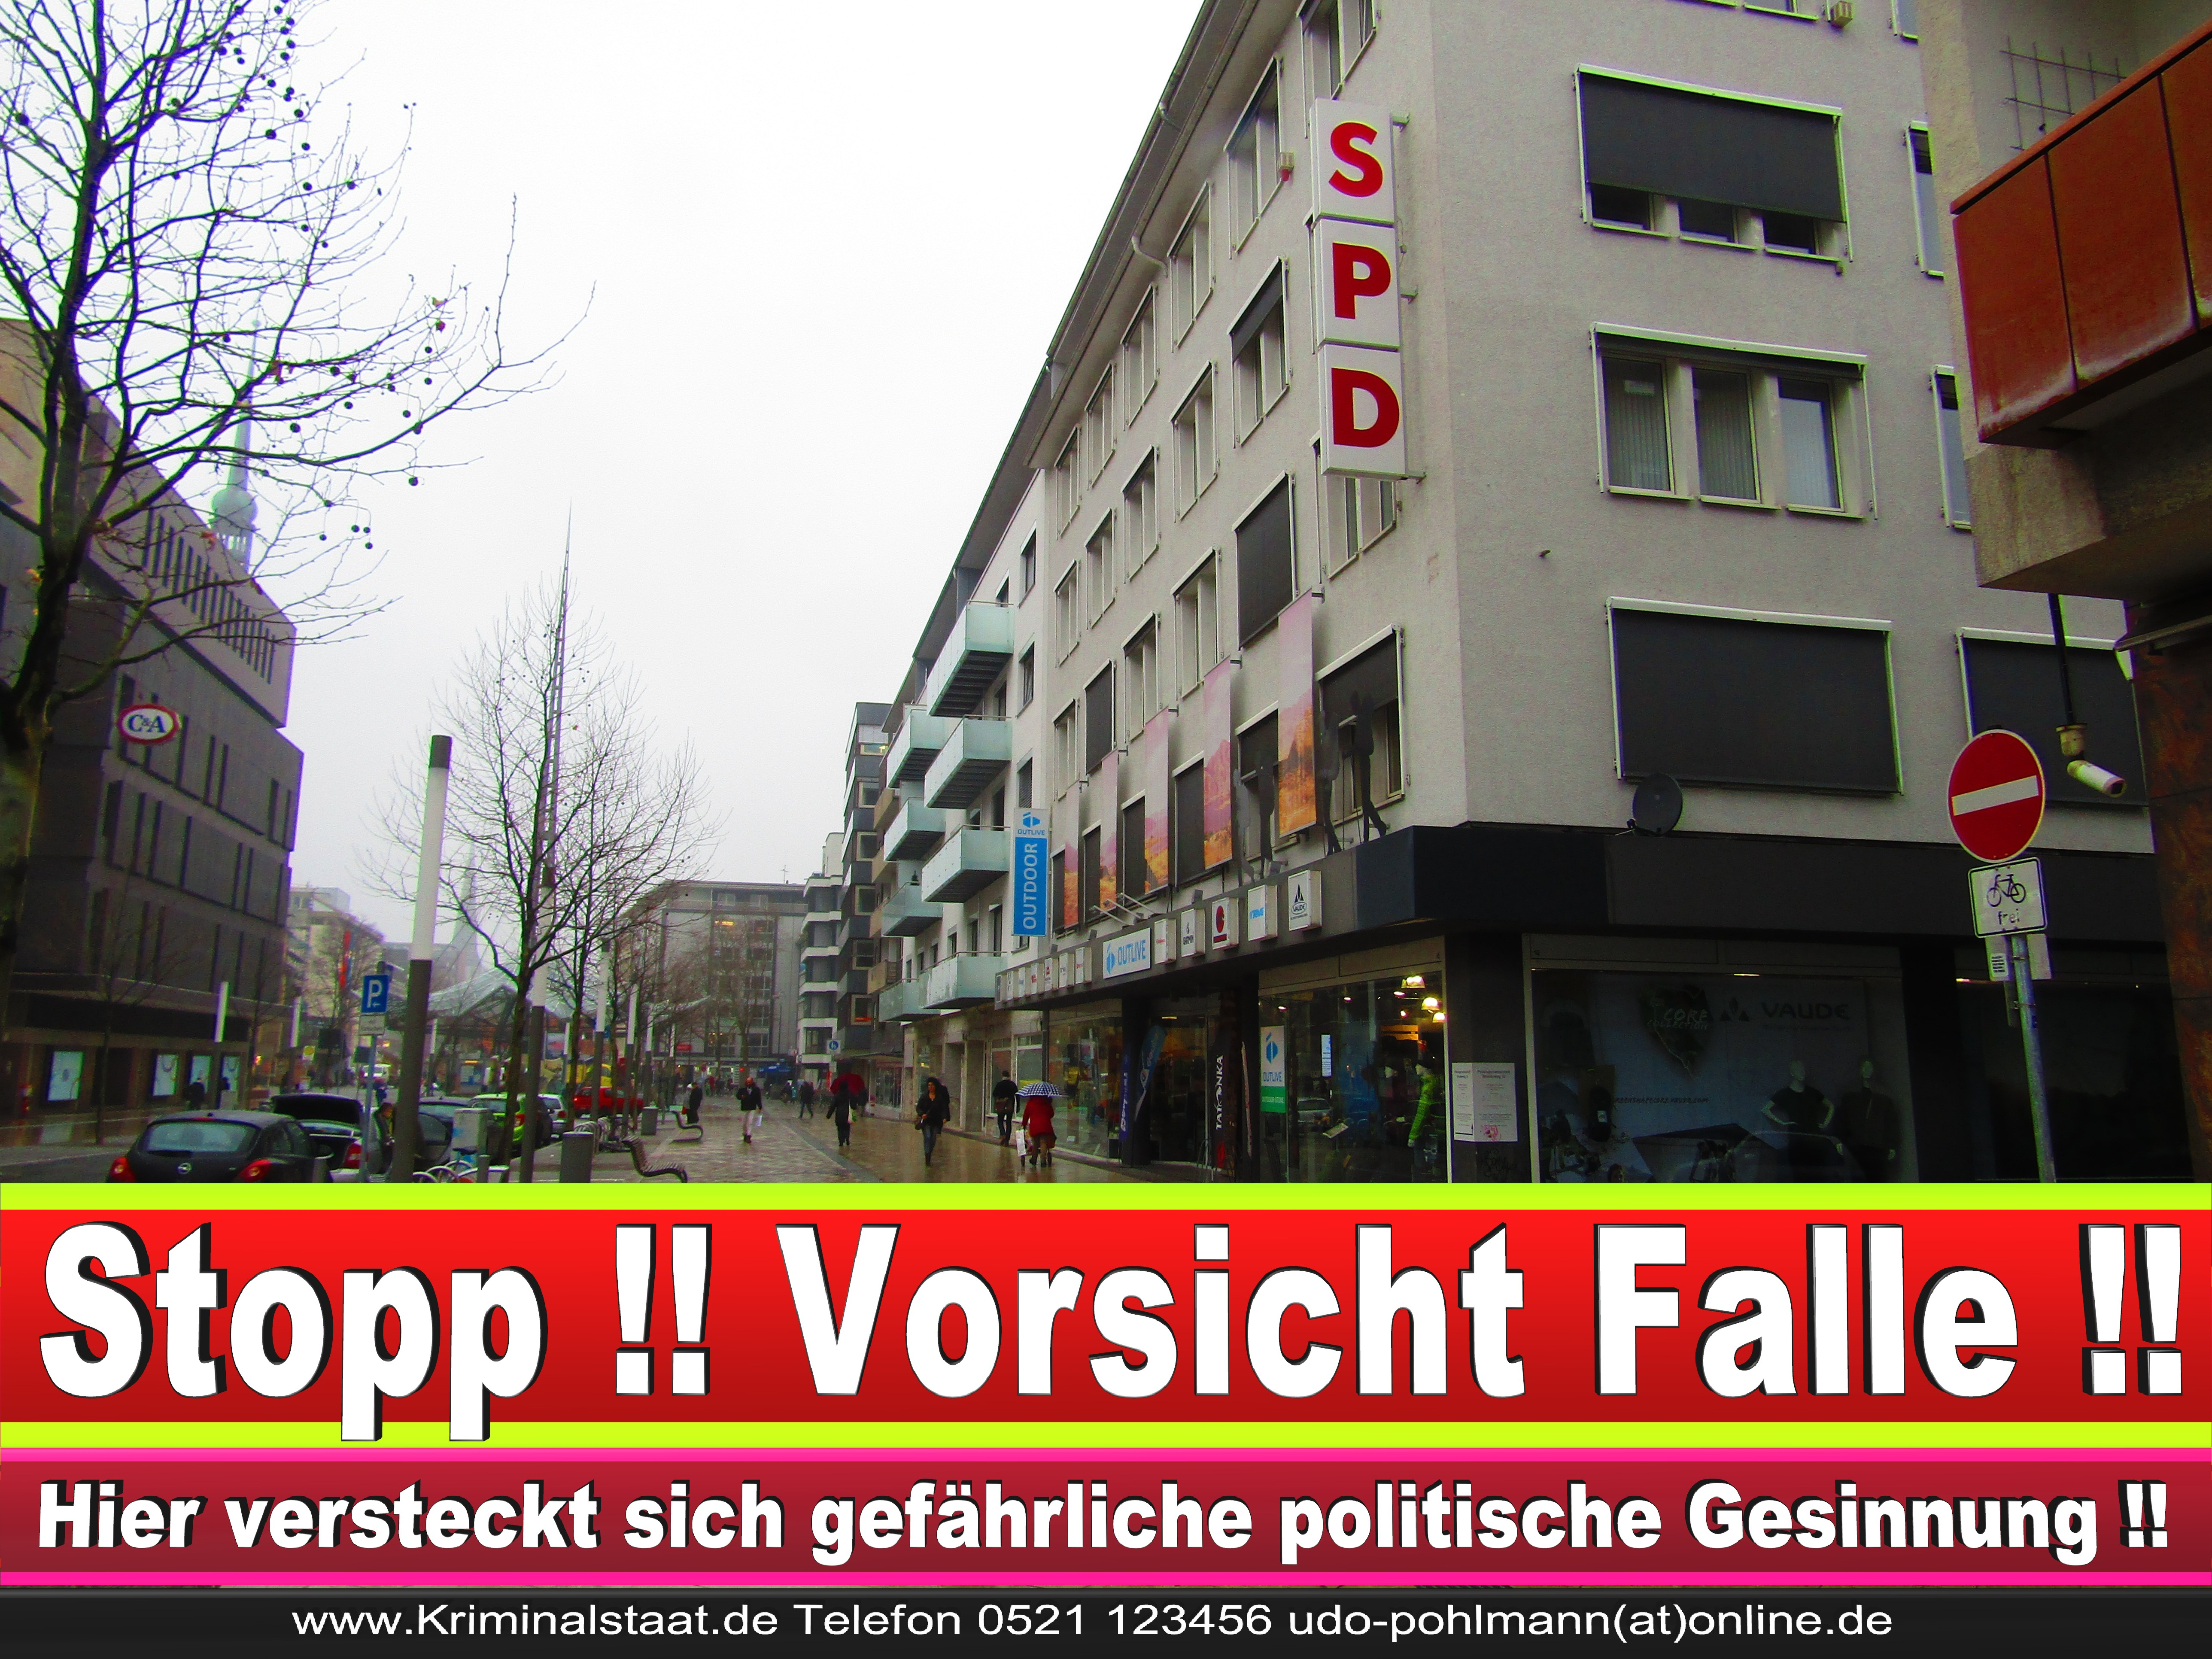 SPD DORTMUND BüRGERBüRO SPD ORTSVERBAND RAT STADT RATSMITGLIEDER SPD FRAKTION GESCHäFTSSTELLE SPD NRW ADRESSE (11) 2